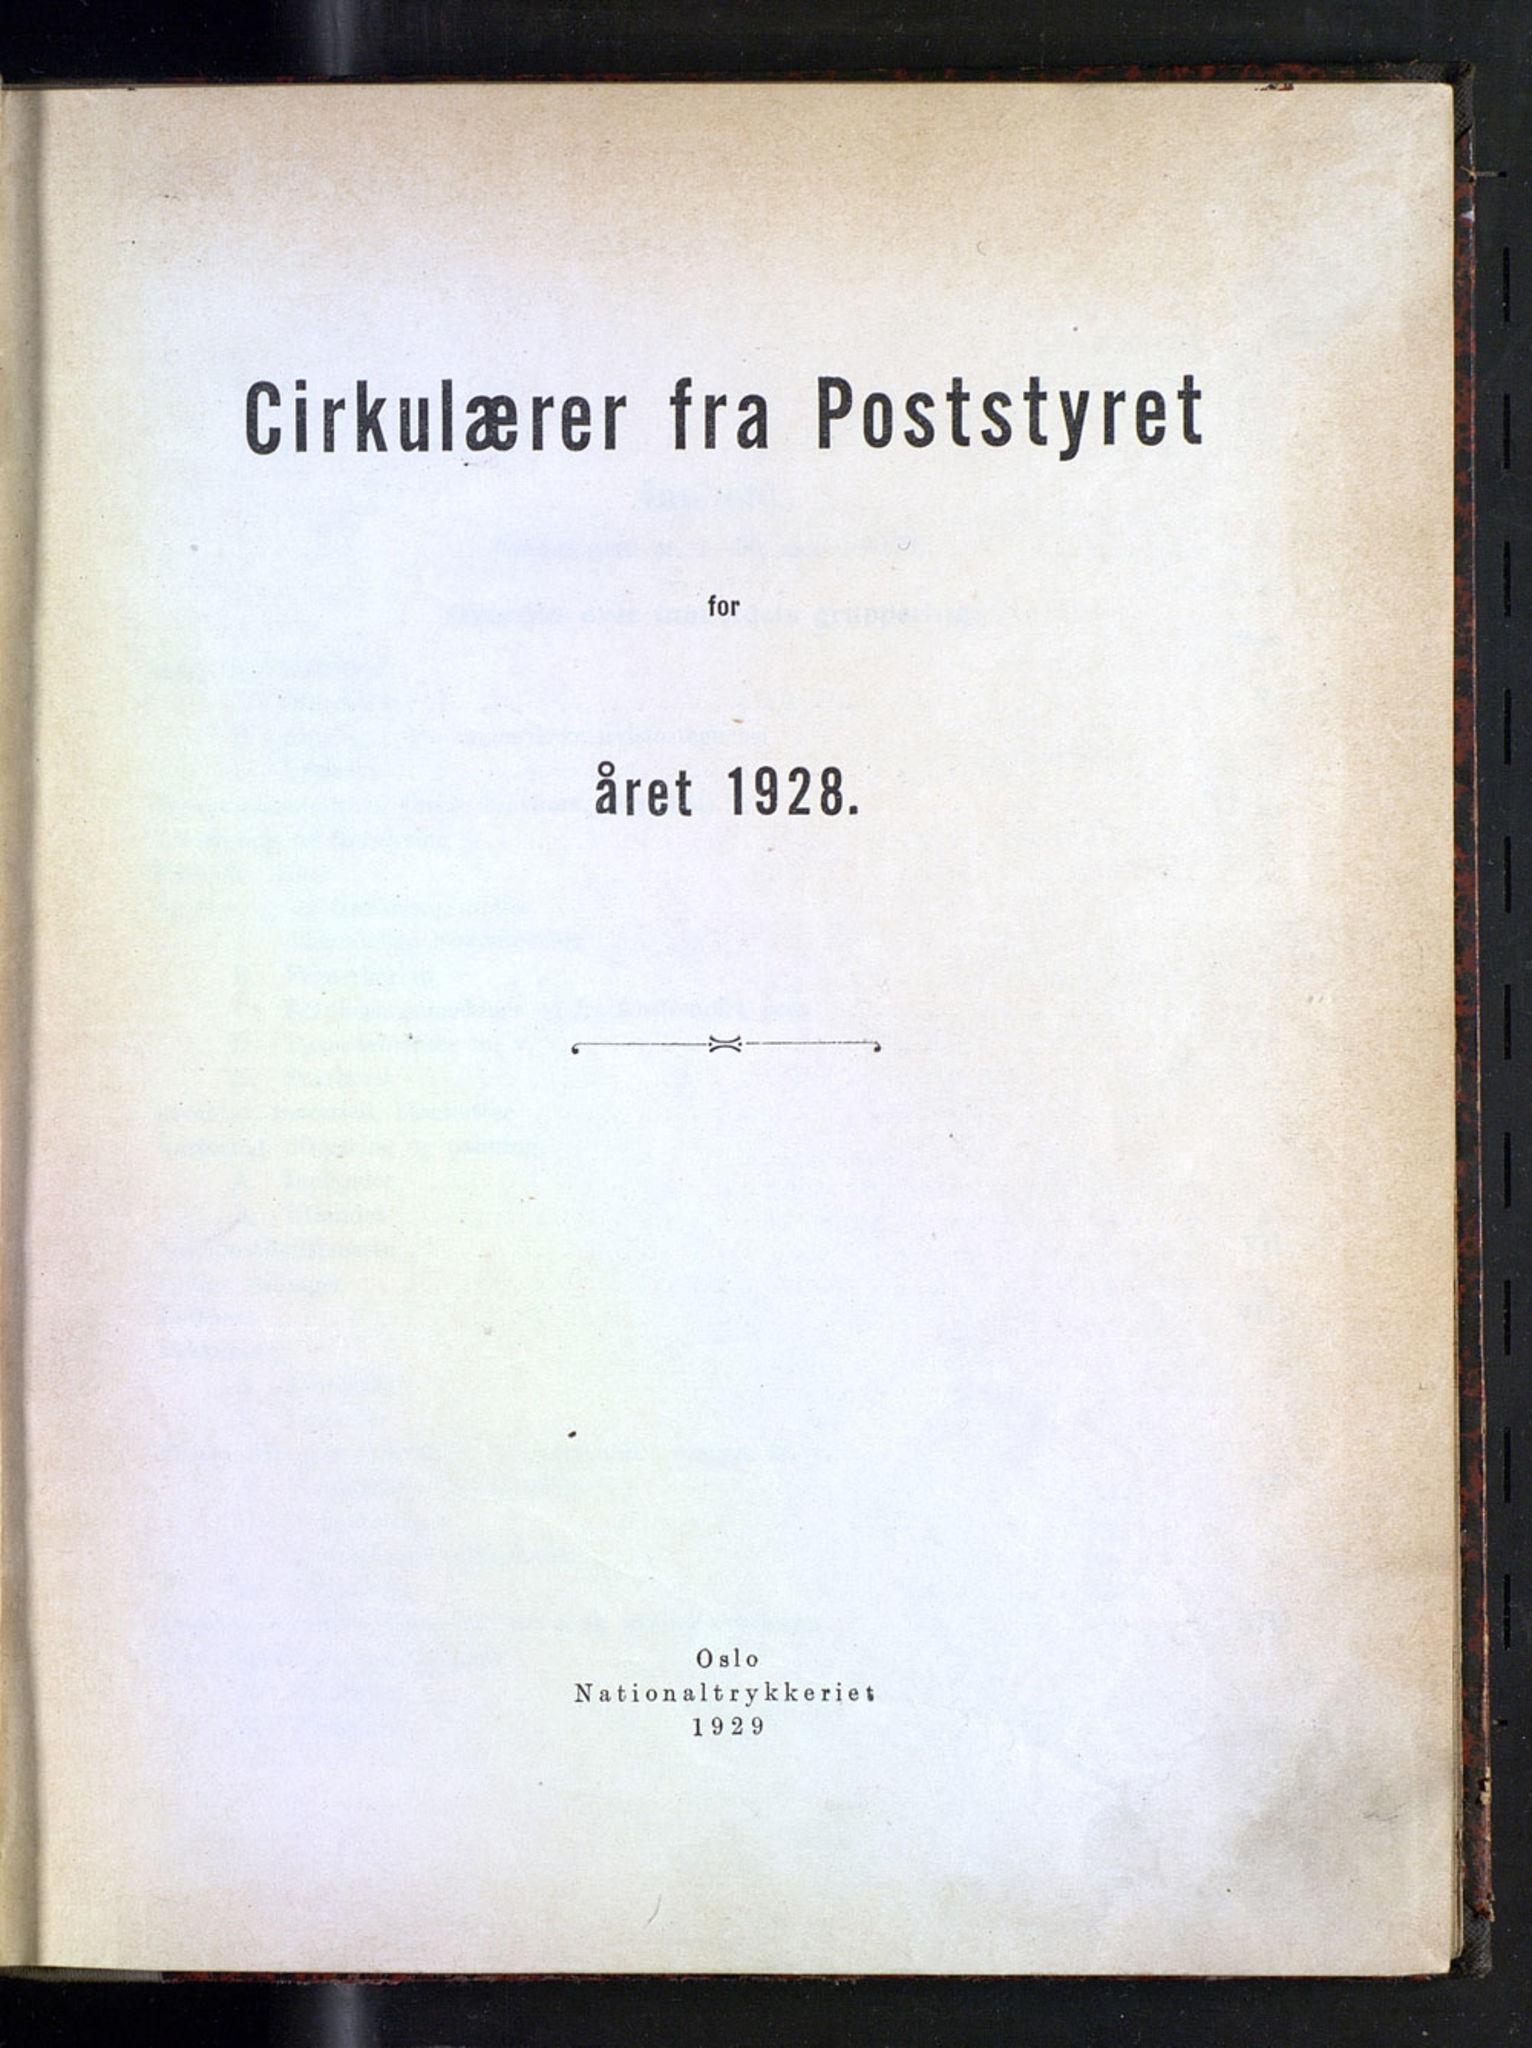 NOPO, Norges Postmuseums bibliotek, -/-: Sirkulærer fra Poststyret, 1928